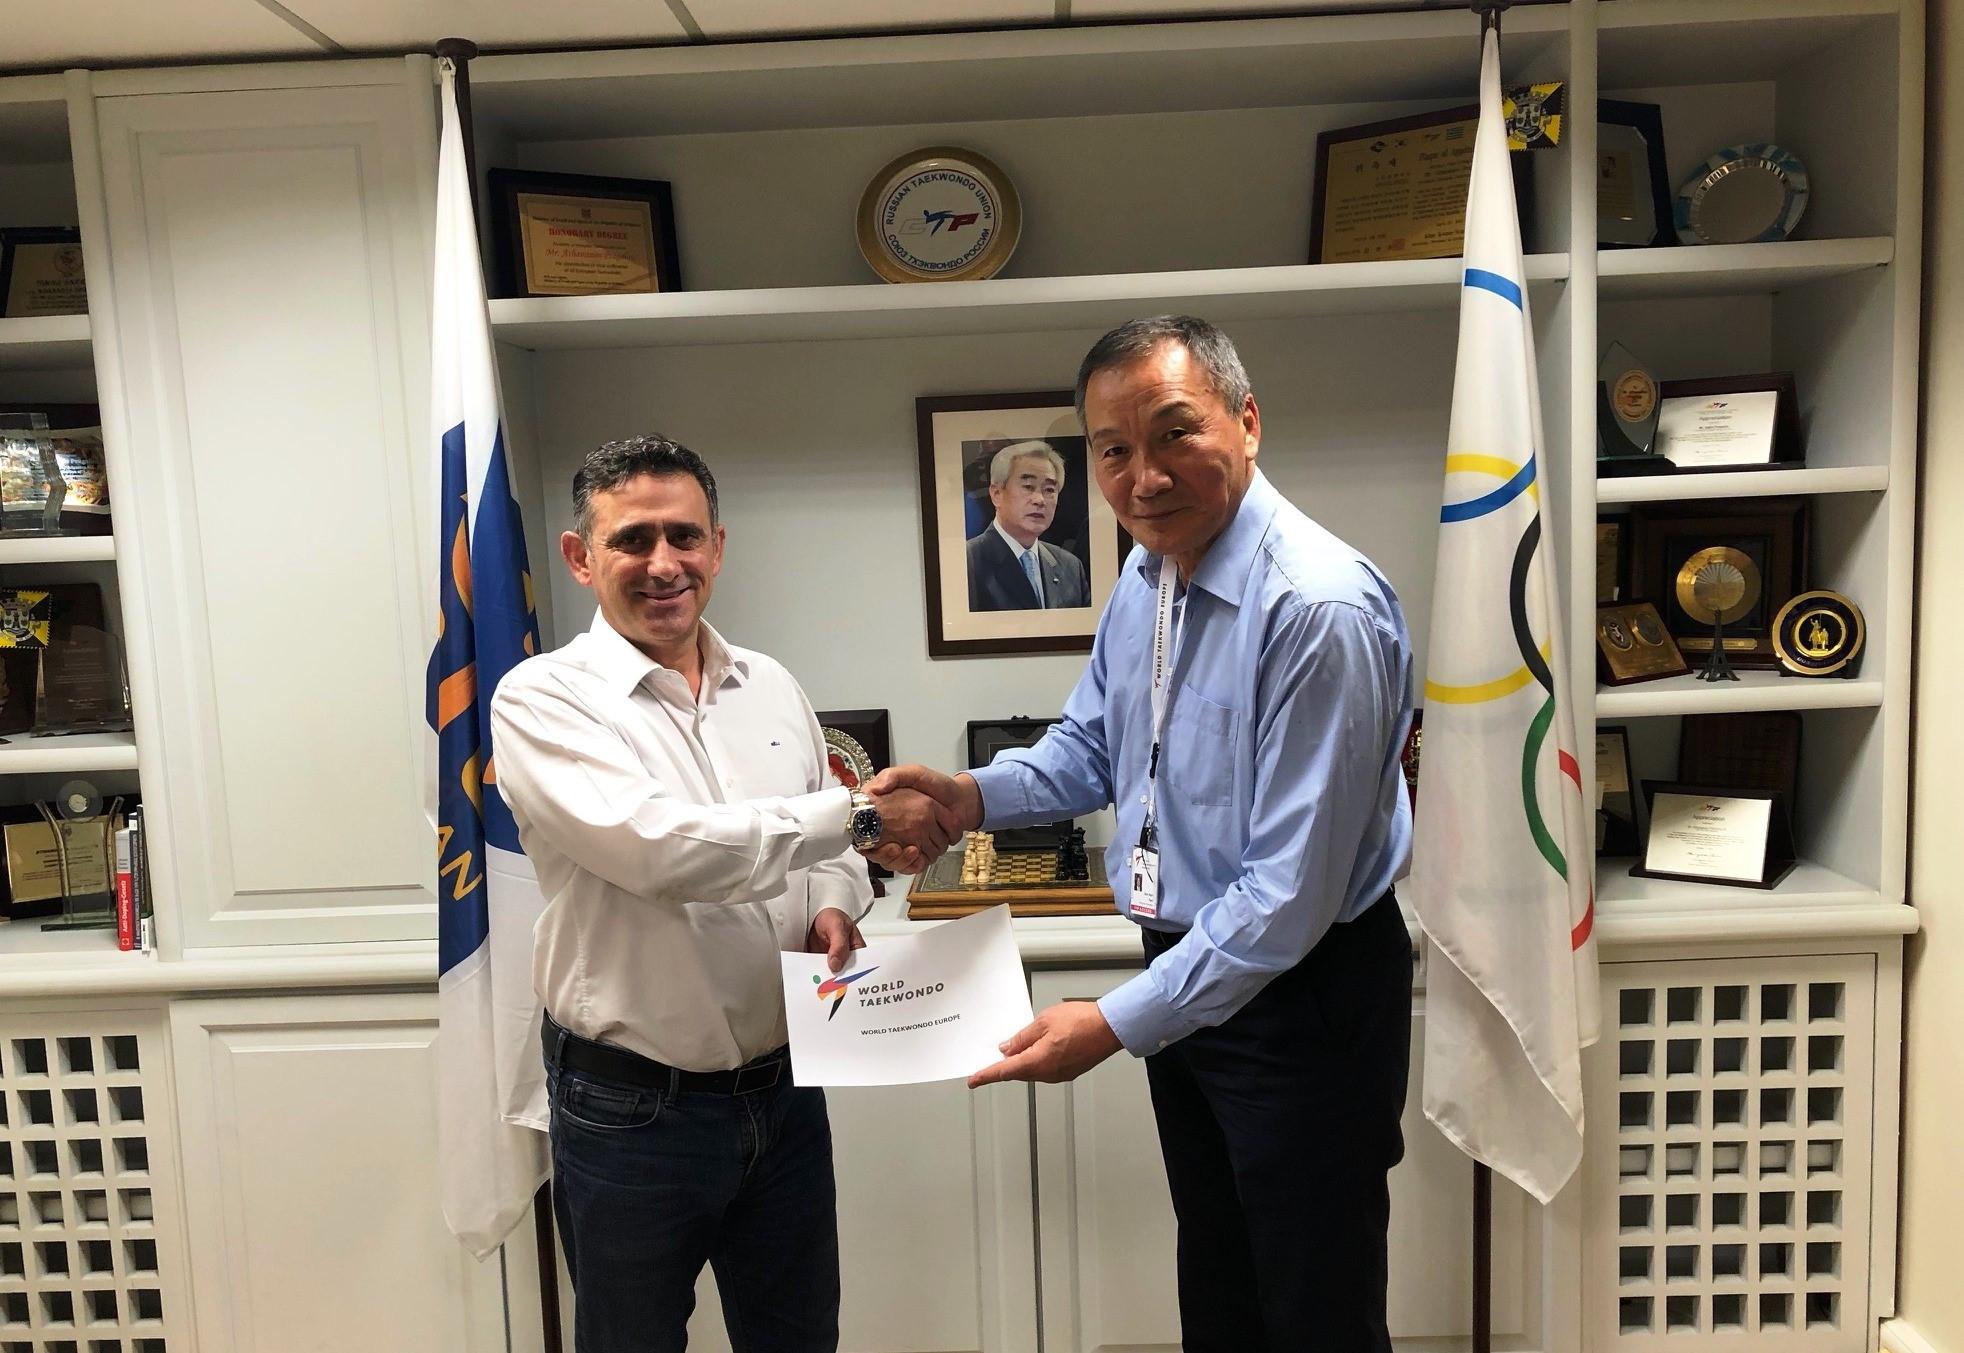 World Taekwondo Europe link up with World Children Taekwondo Union to promote sport